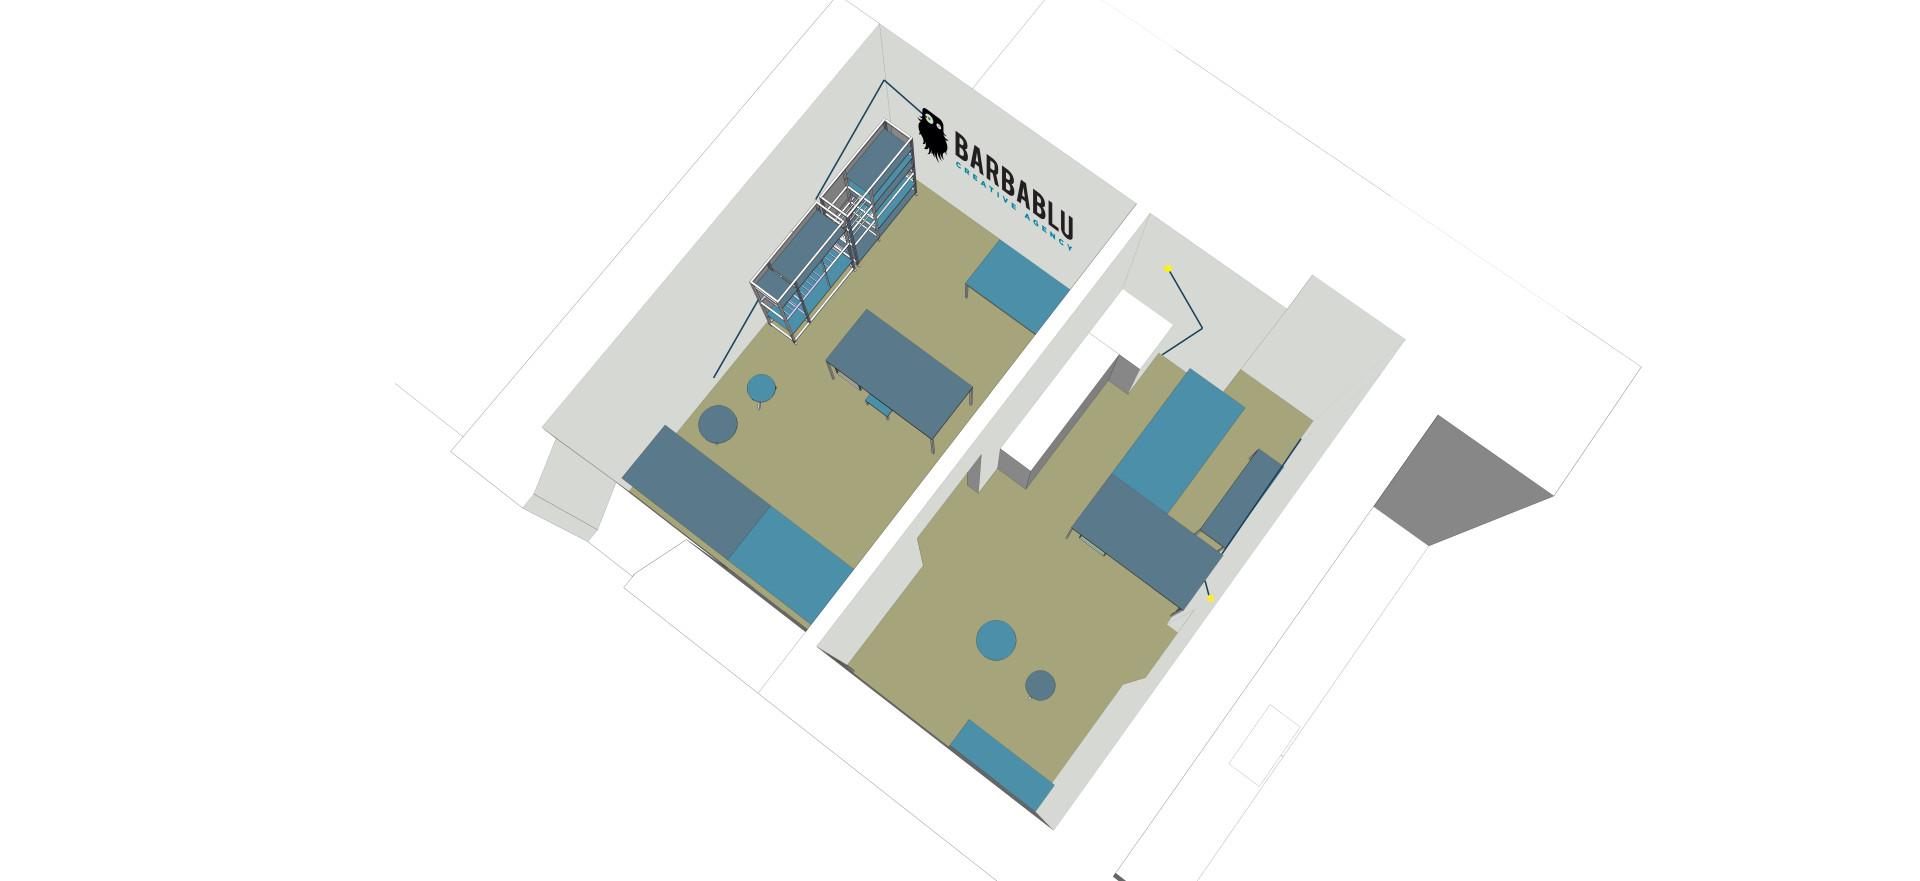 Piccola agenzia di comunicazione: proposta di design degli interni